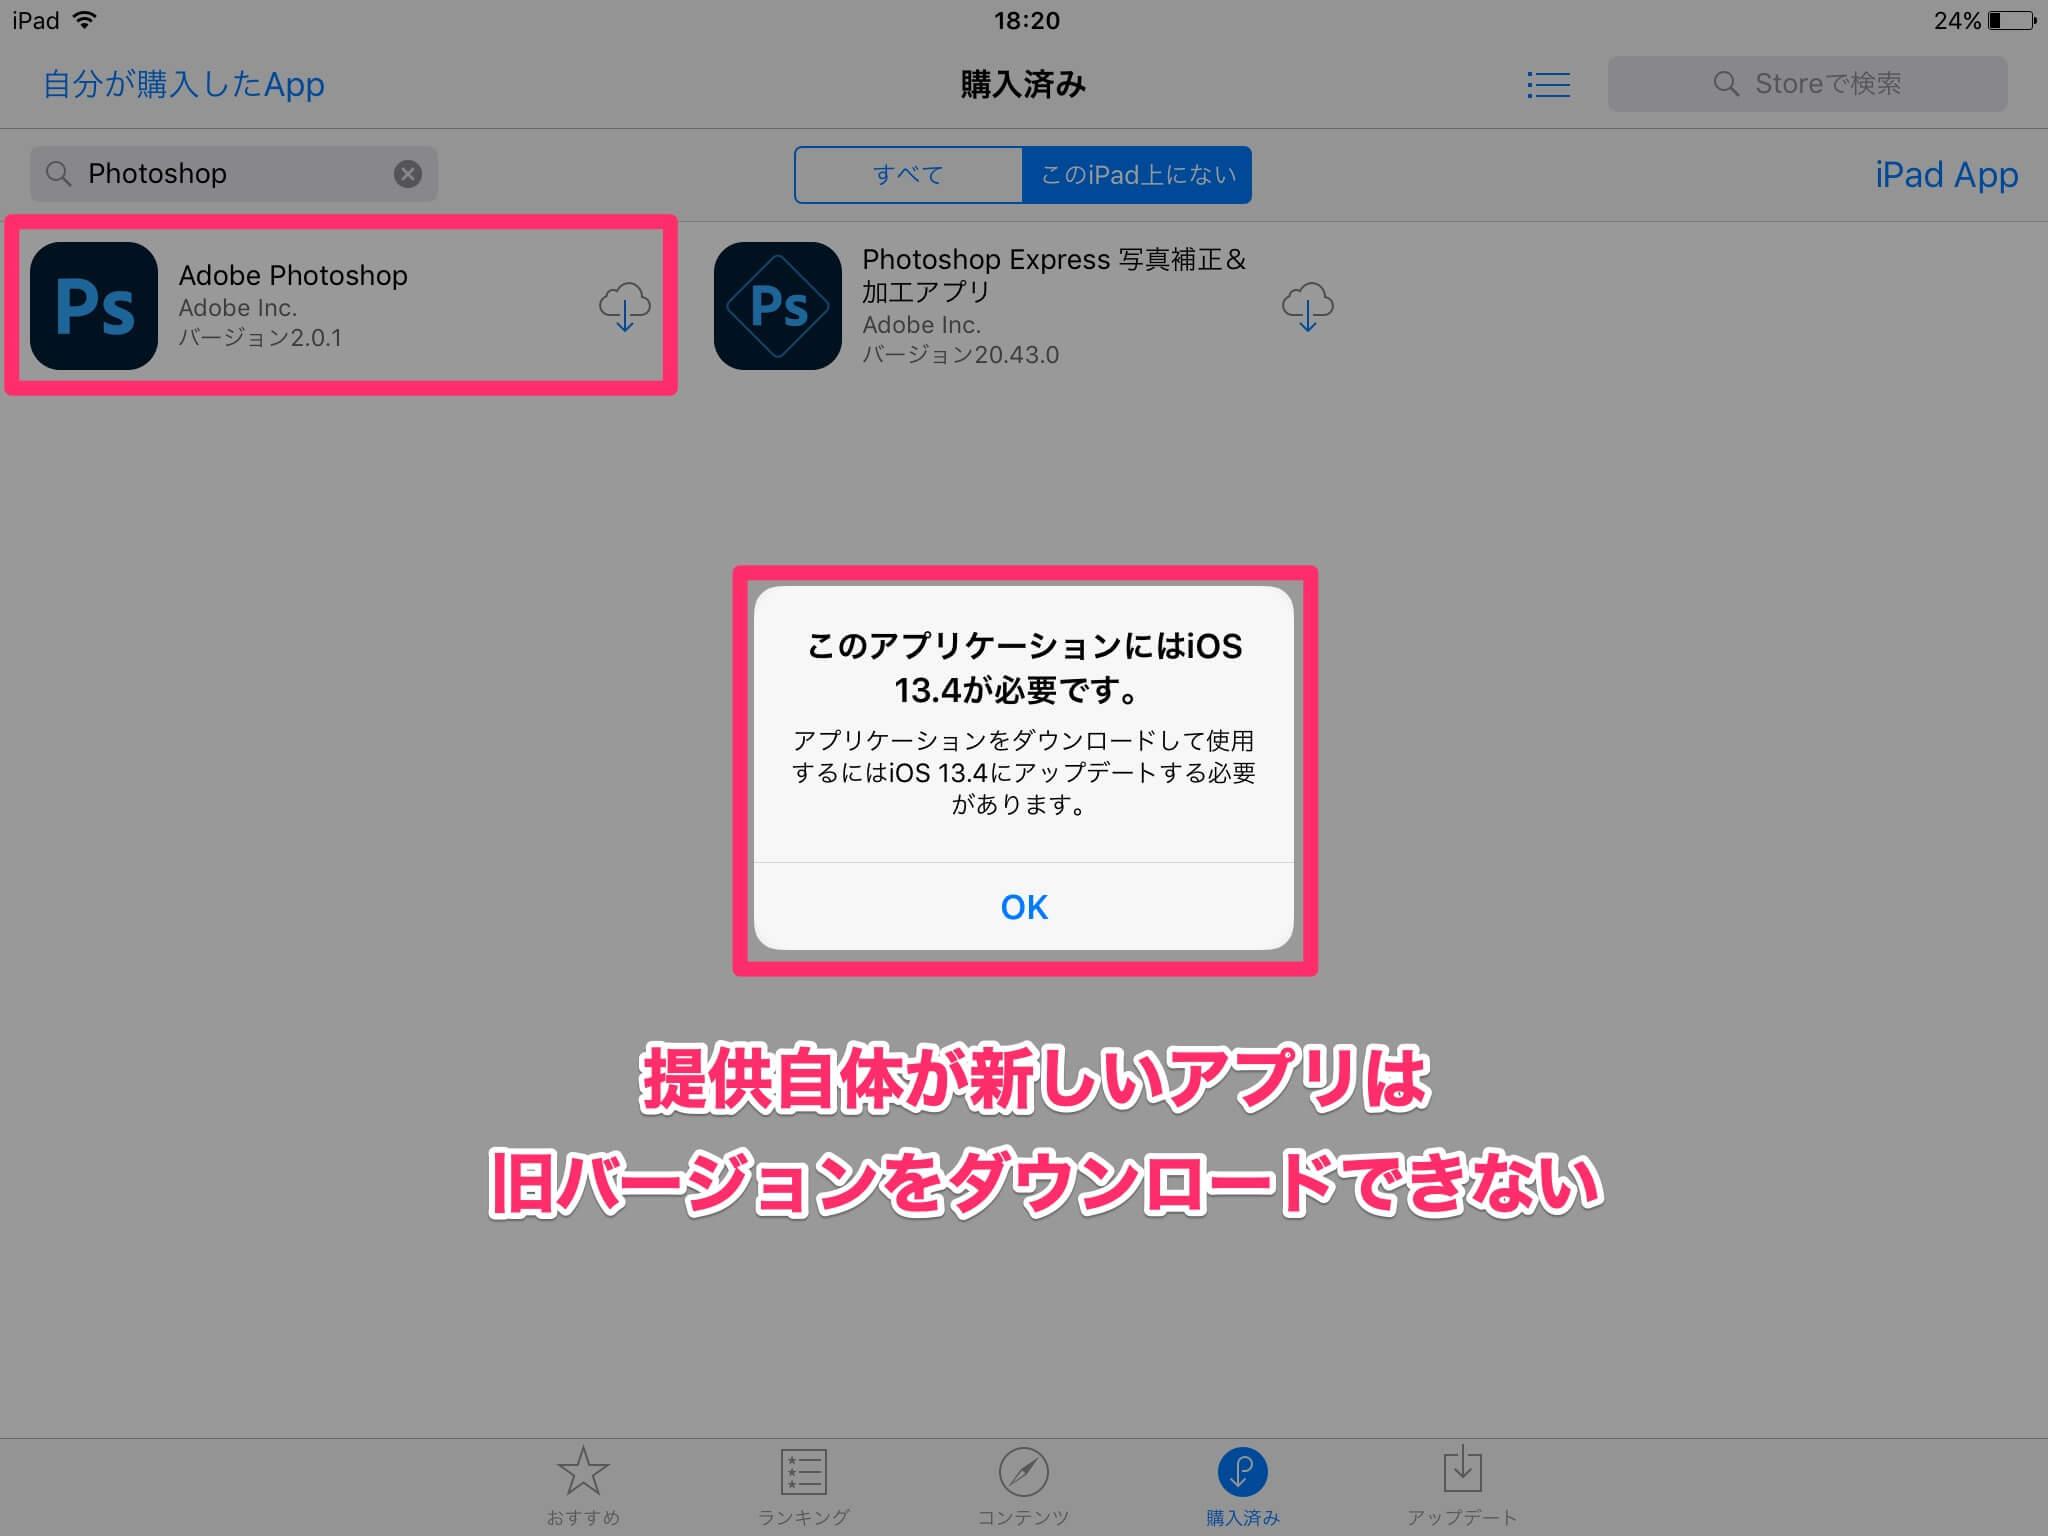 古いiPadを再活用! アプリの旧バージョンをダウンロードして使う方法